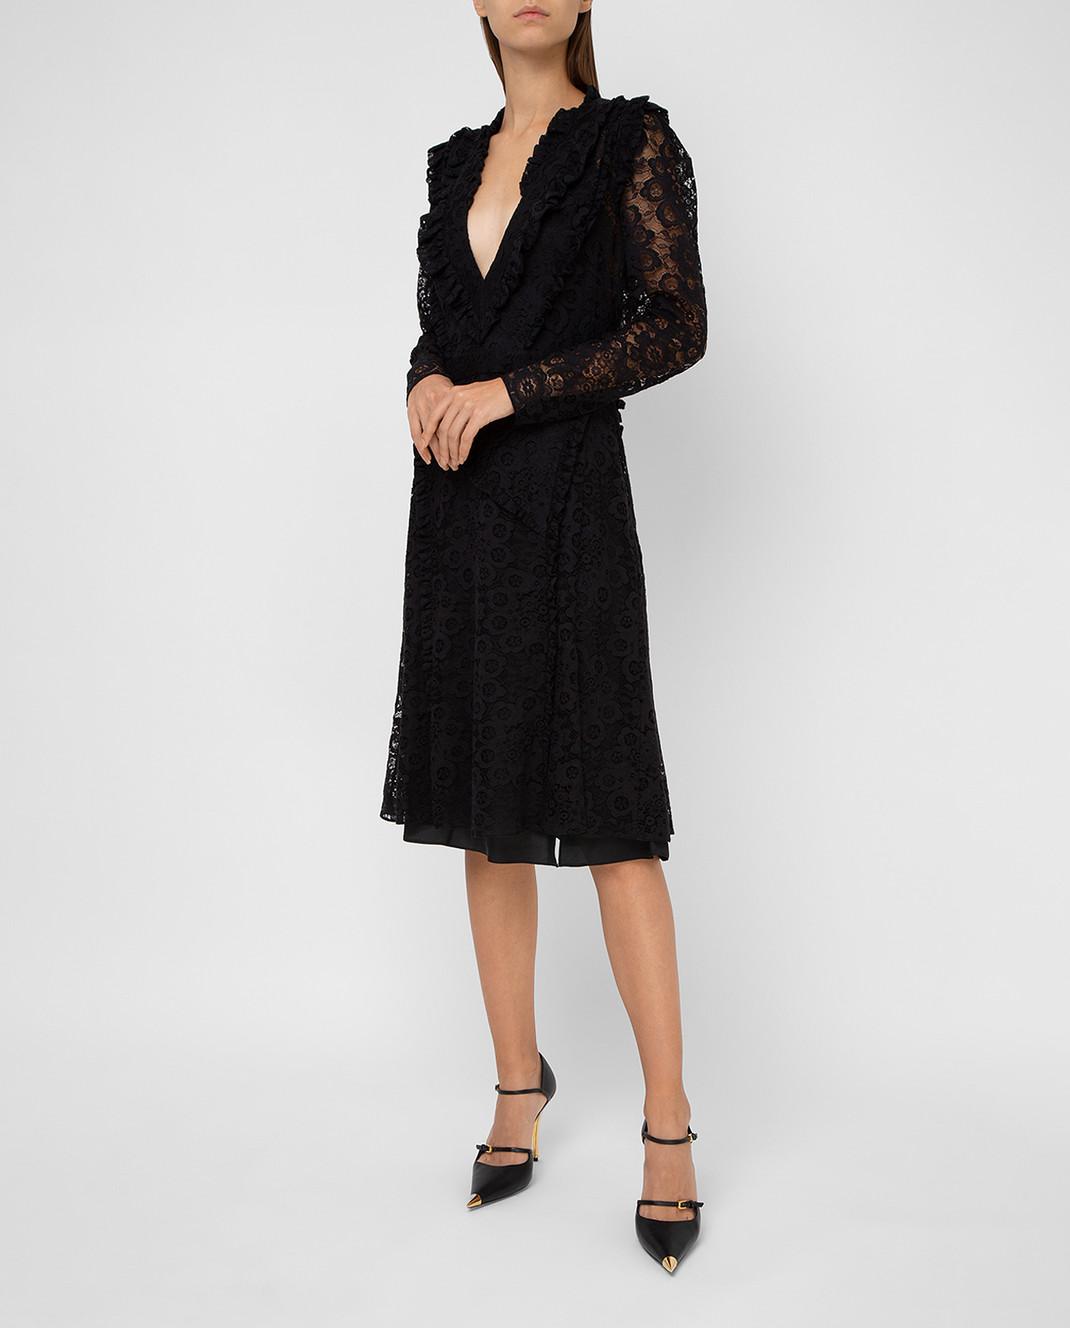 Altuzarra Черное платье 318316795 изображение 2